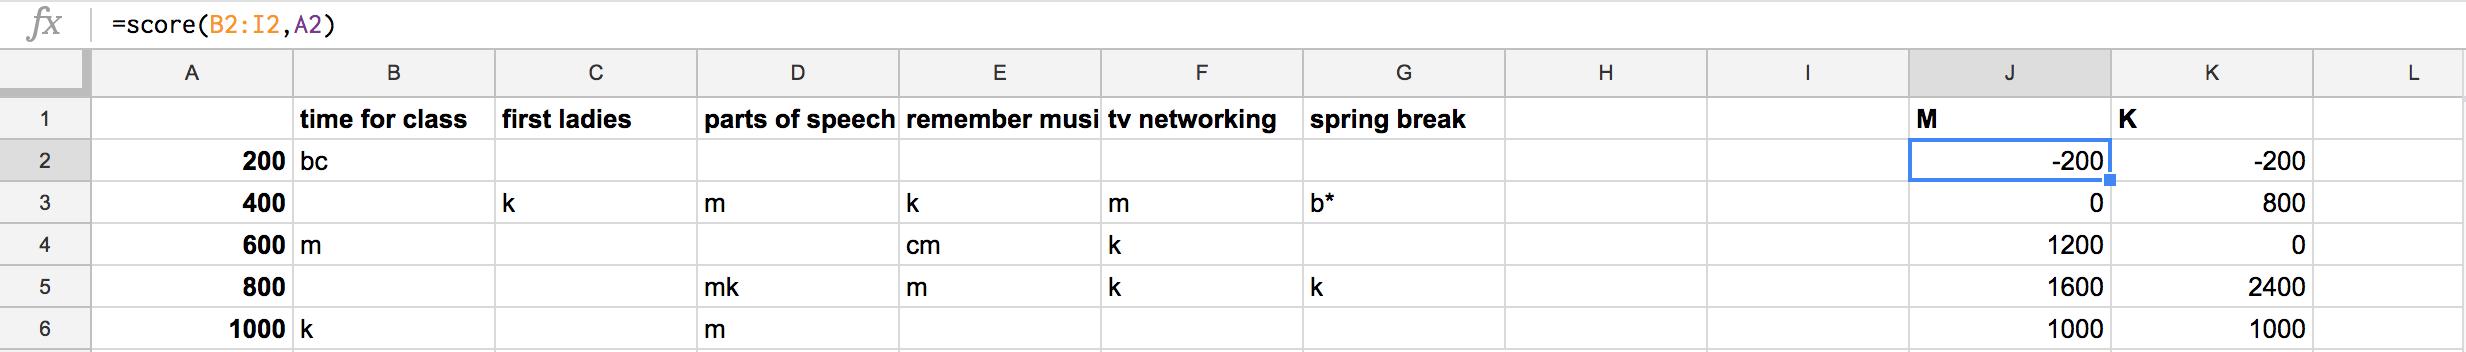 Scoring Jeopardy! in Google Sheets